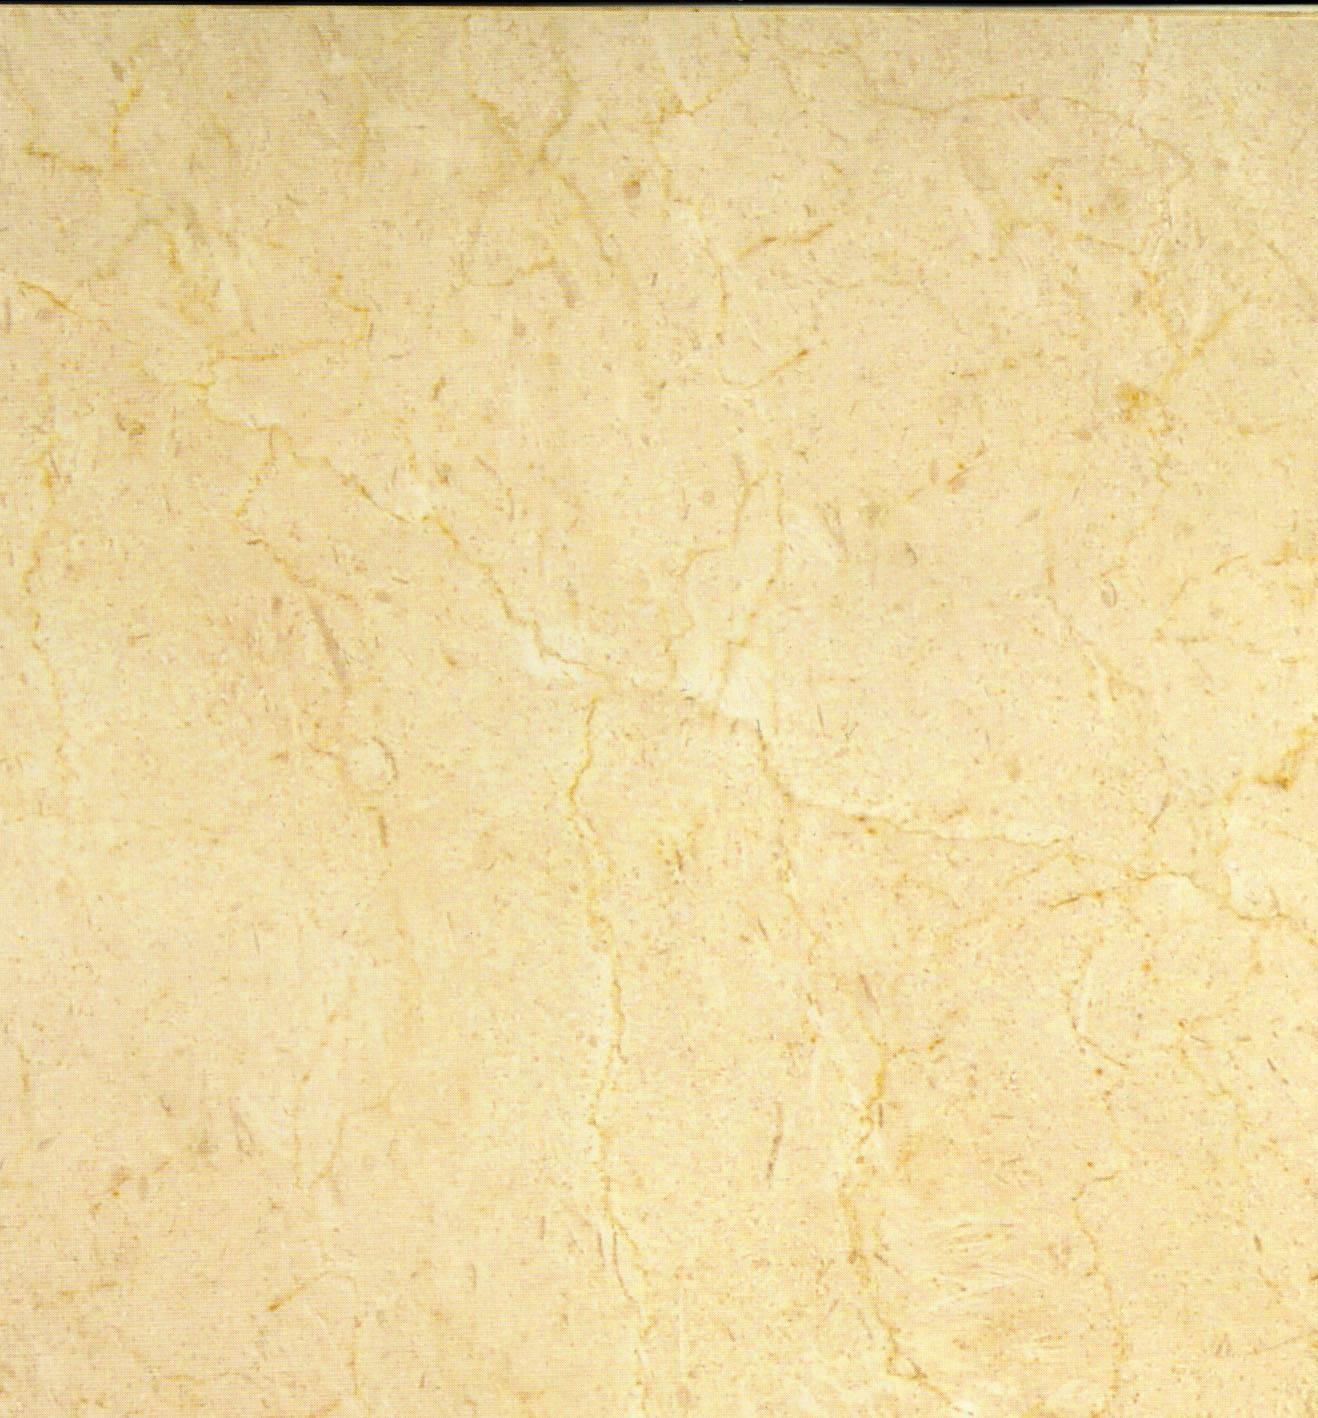 西班牙米黄大理石8000—12000元立方米: www.tonghuashijie.net/meitu/?tid.c3.d7.bb.c6.b4.f3.c0.ed.ca.af.cc...